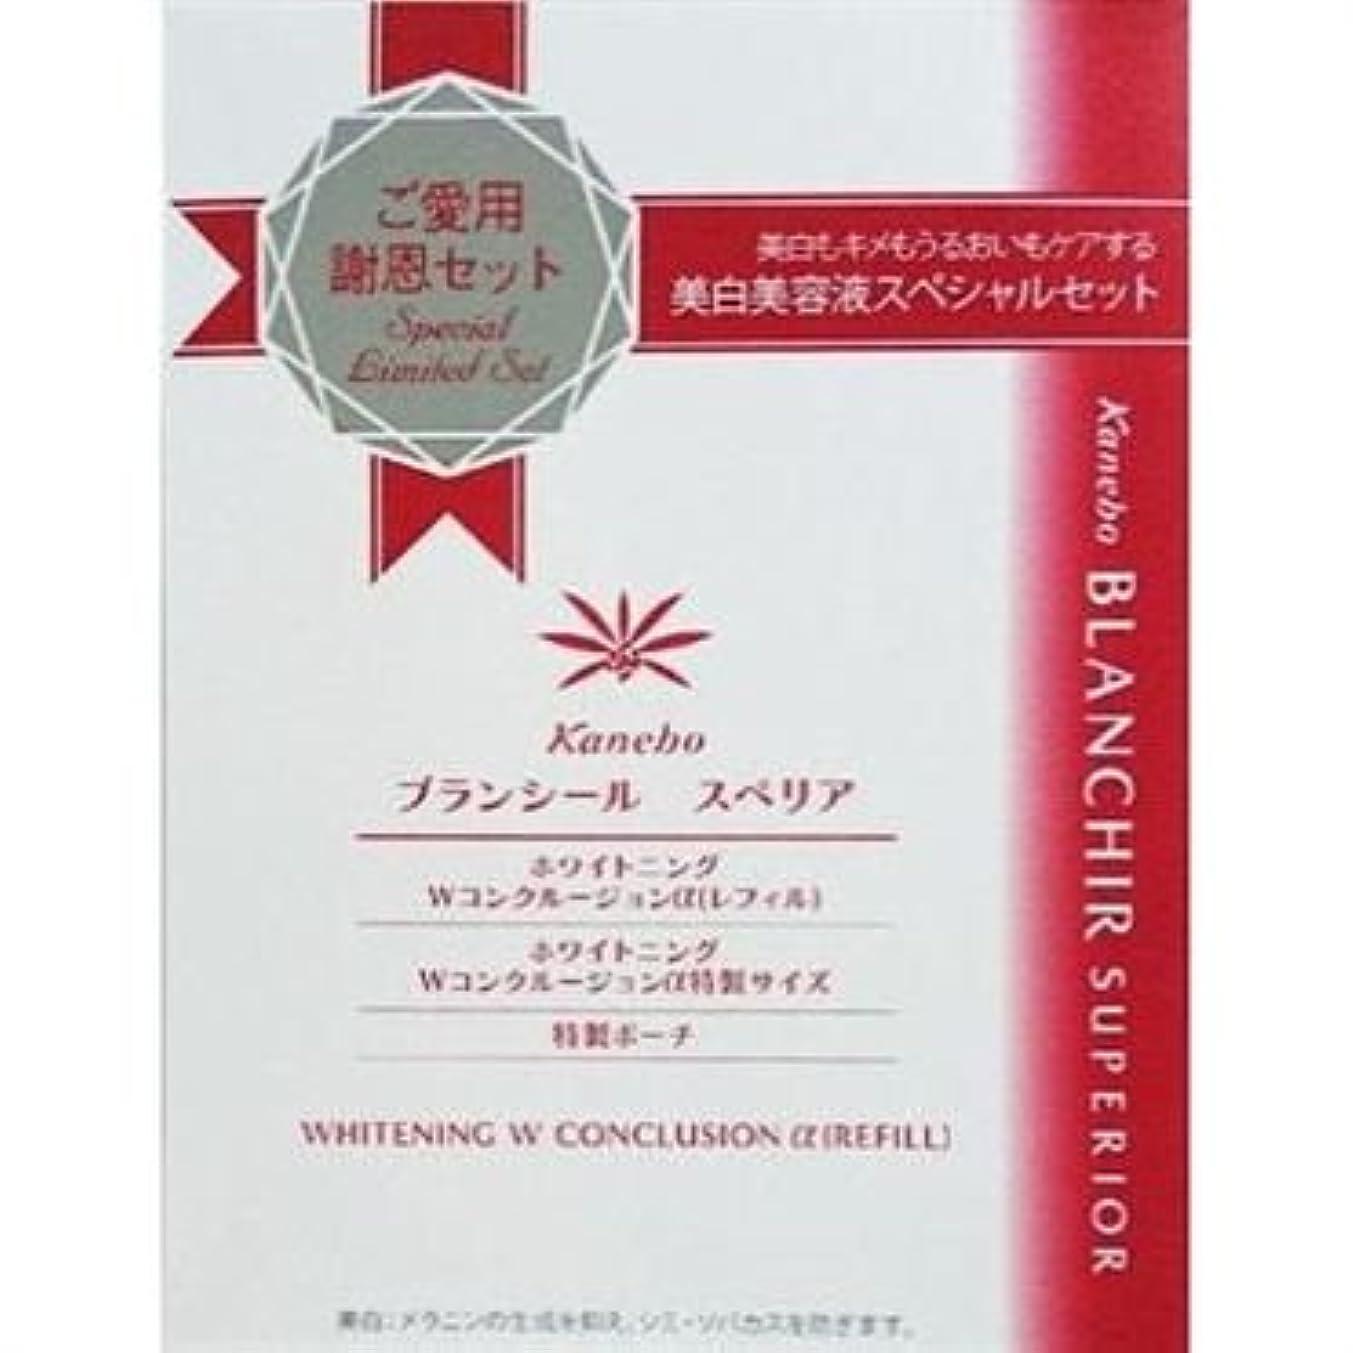 家事をする小康フライト限定版 カネボウ ブランシール スペリア ホワイトニング Wコンクルージョンa(レフィル)セットⅢ